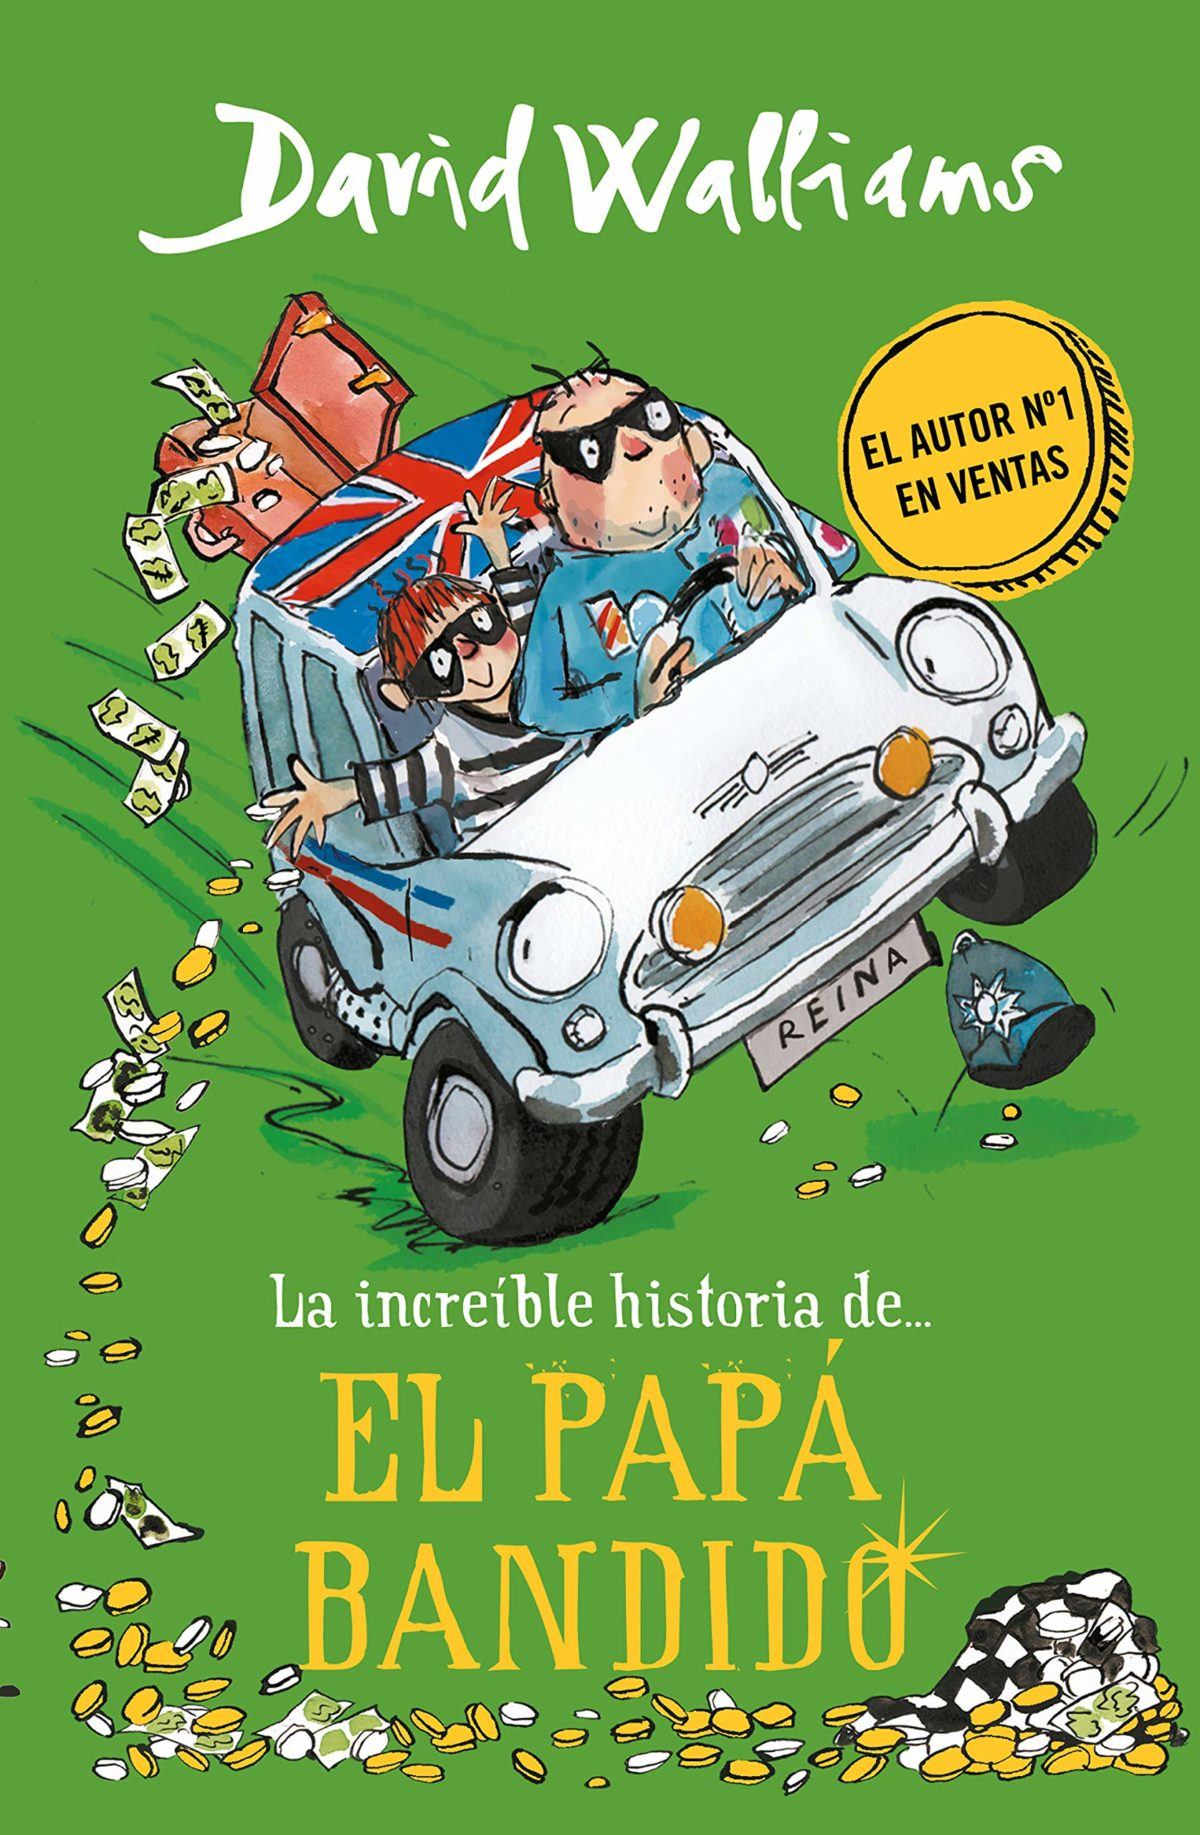 La increíble historia de... El papá bandido (Colección David Walliams) (Español) Tapa dura